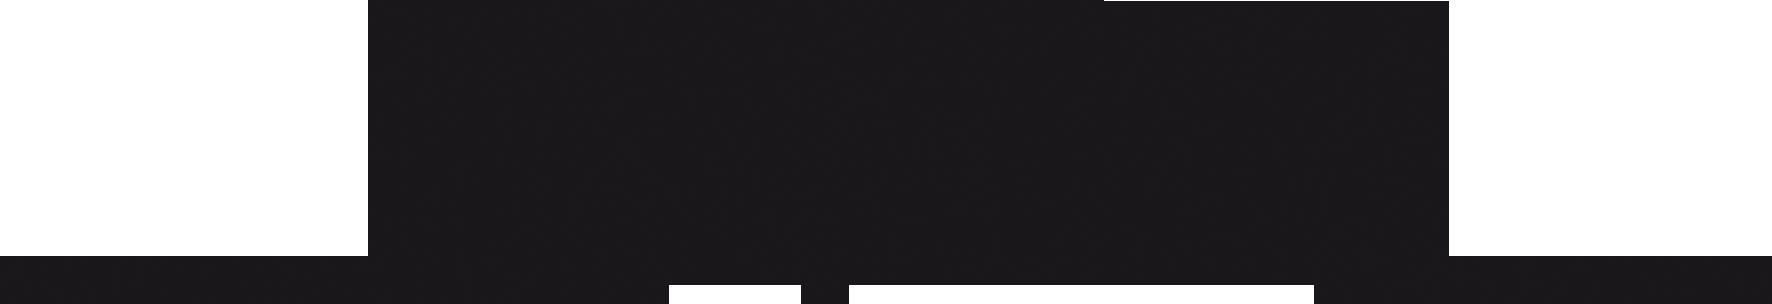 HangarTechno Logo